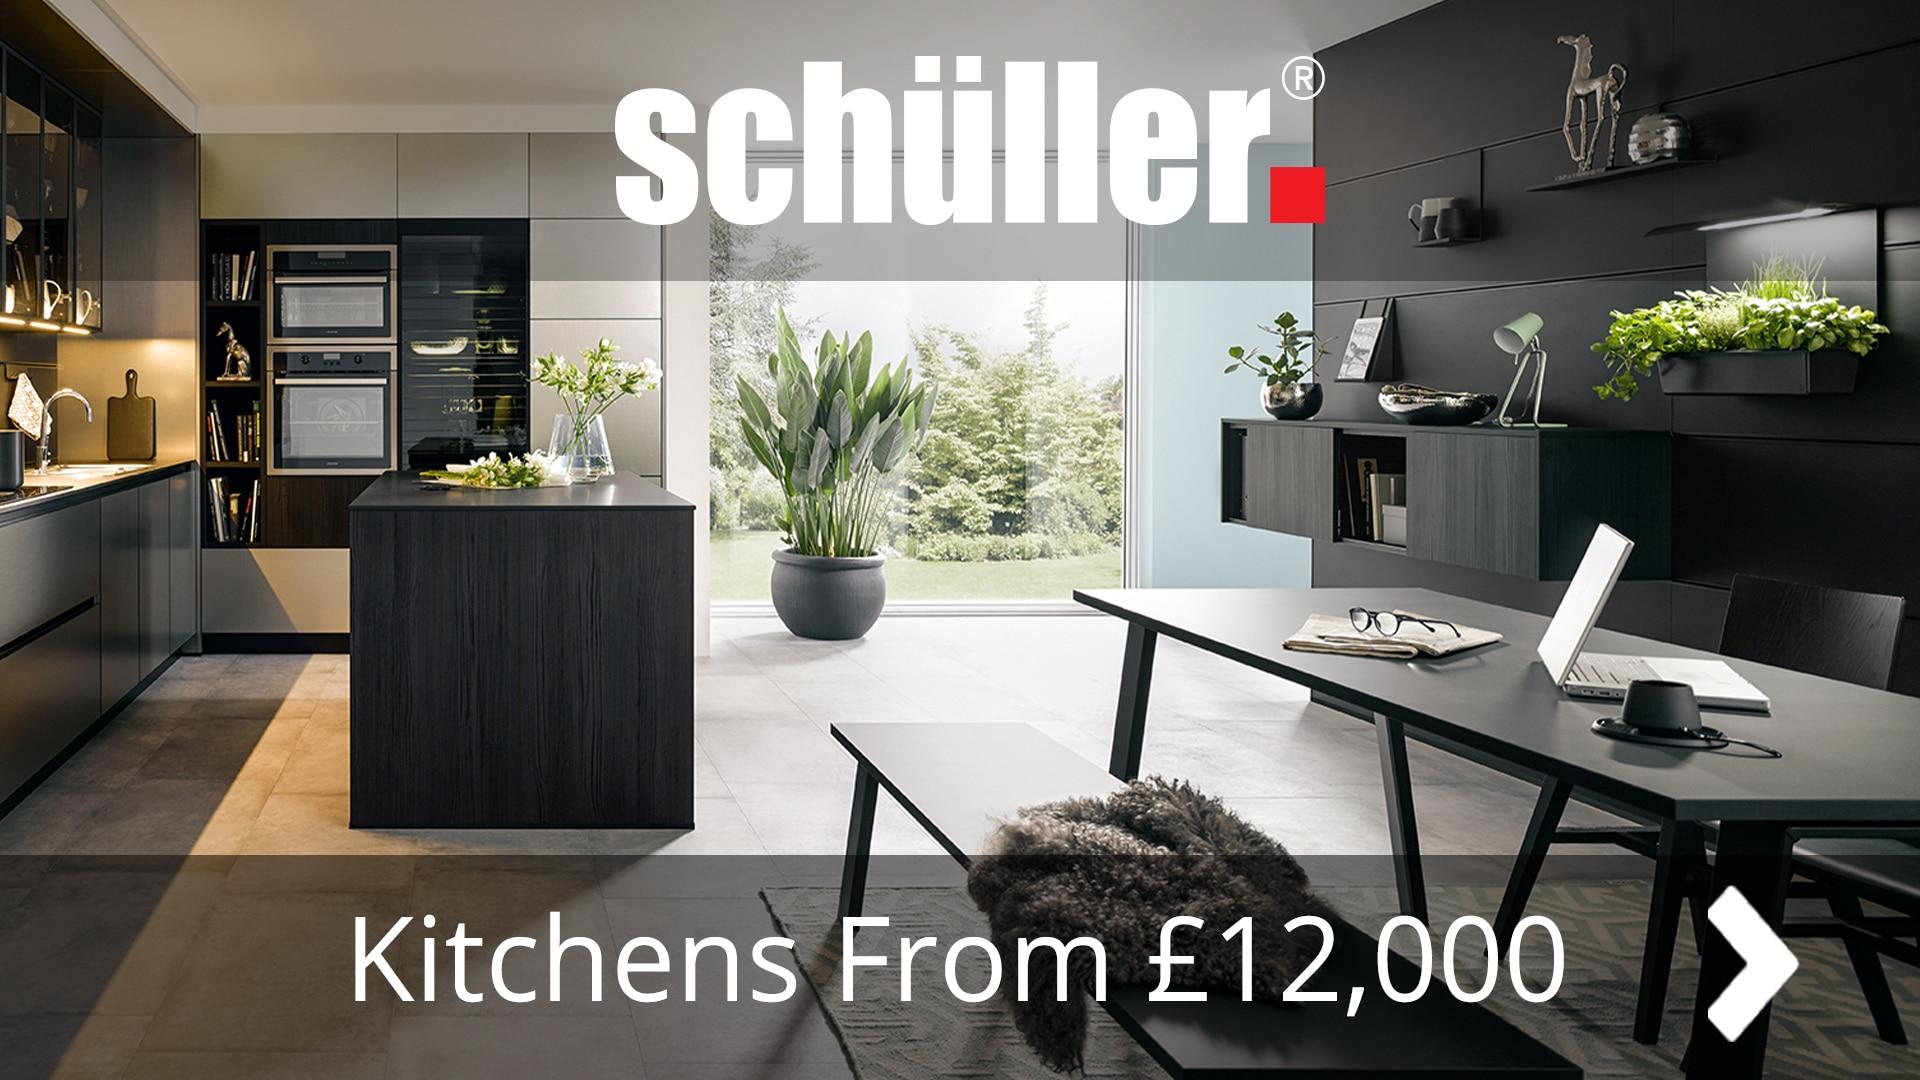 schuller german kitchens cardiff - schuller kitchens 003